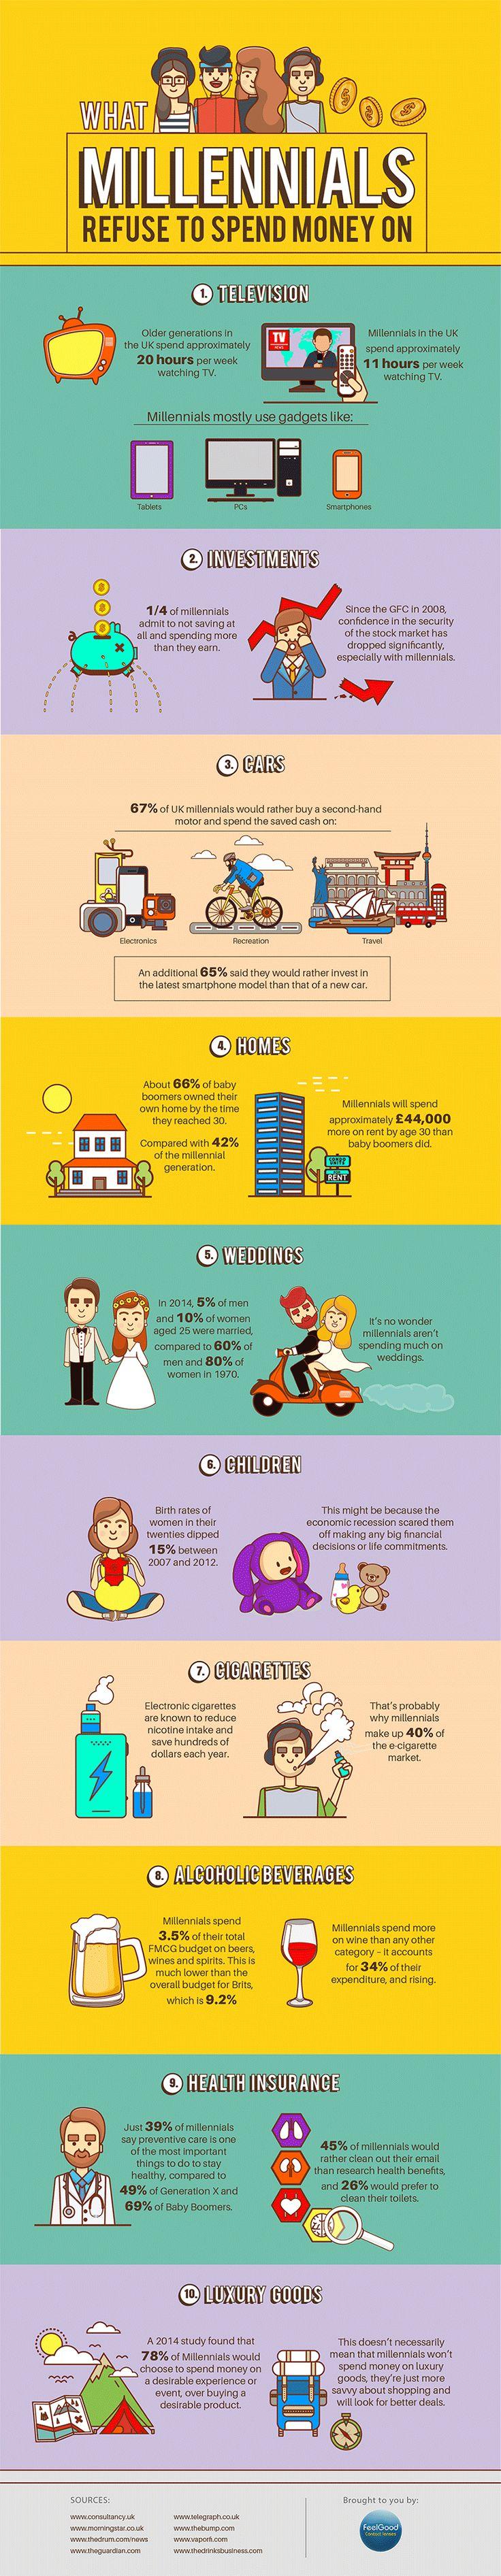 Una brillante infografica di FeelGood racchiude l'esito di alcune ricerche che hanno svelato le 10 cose per cui i Millennials non spendono i propri soldi.